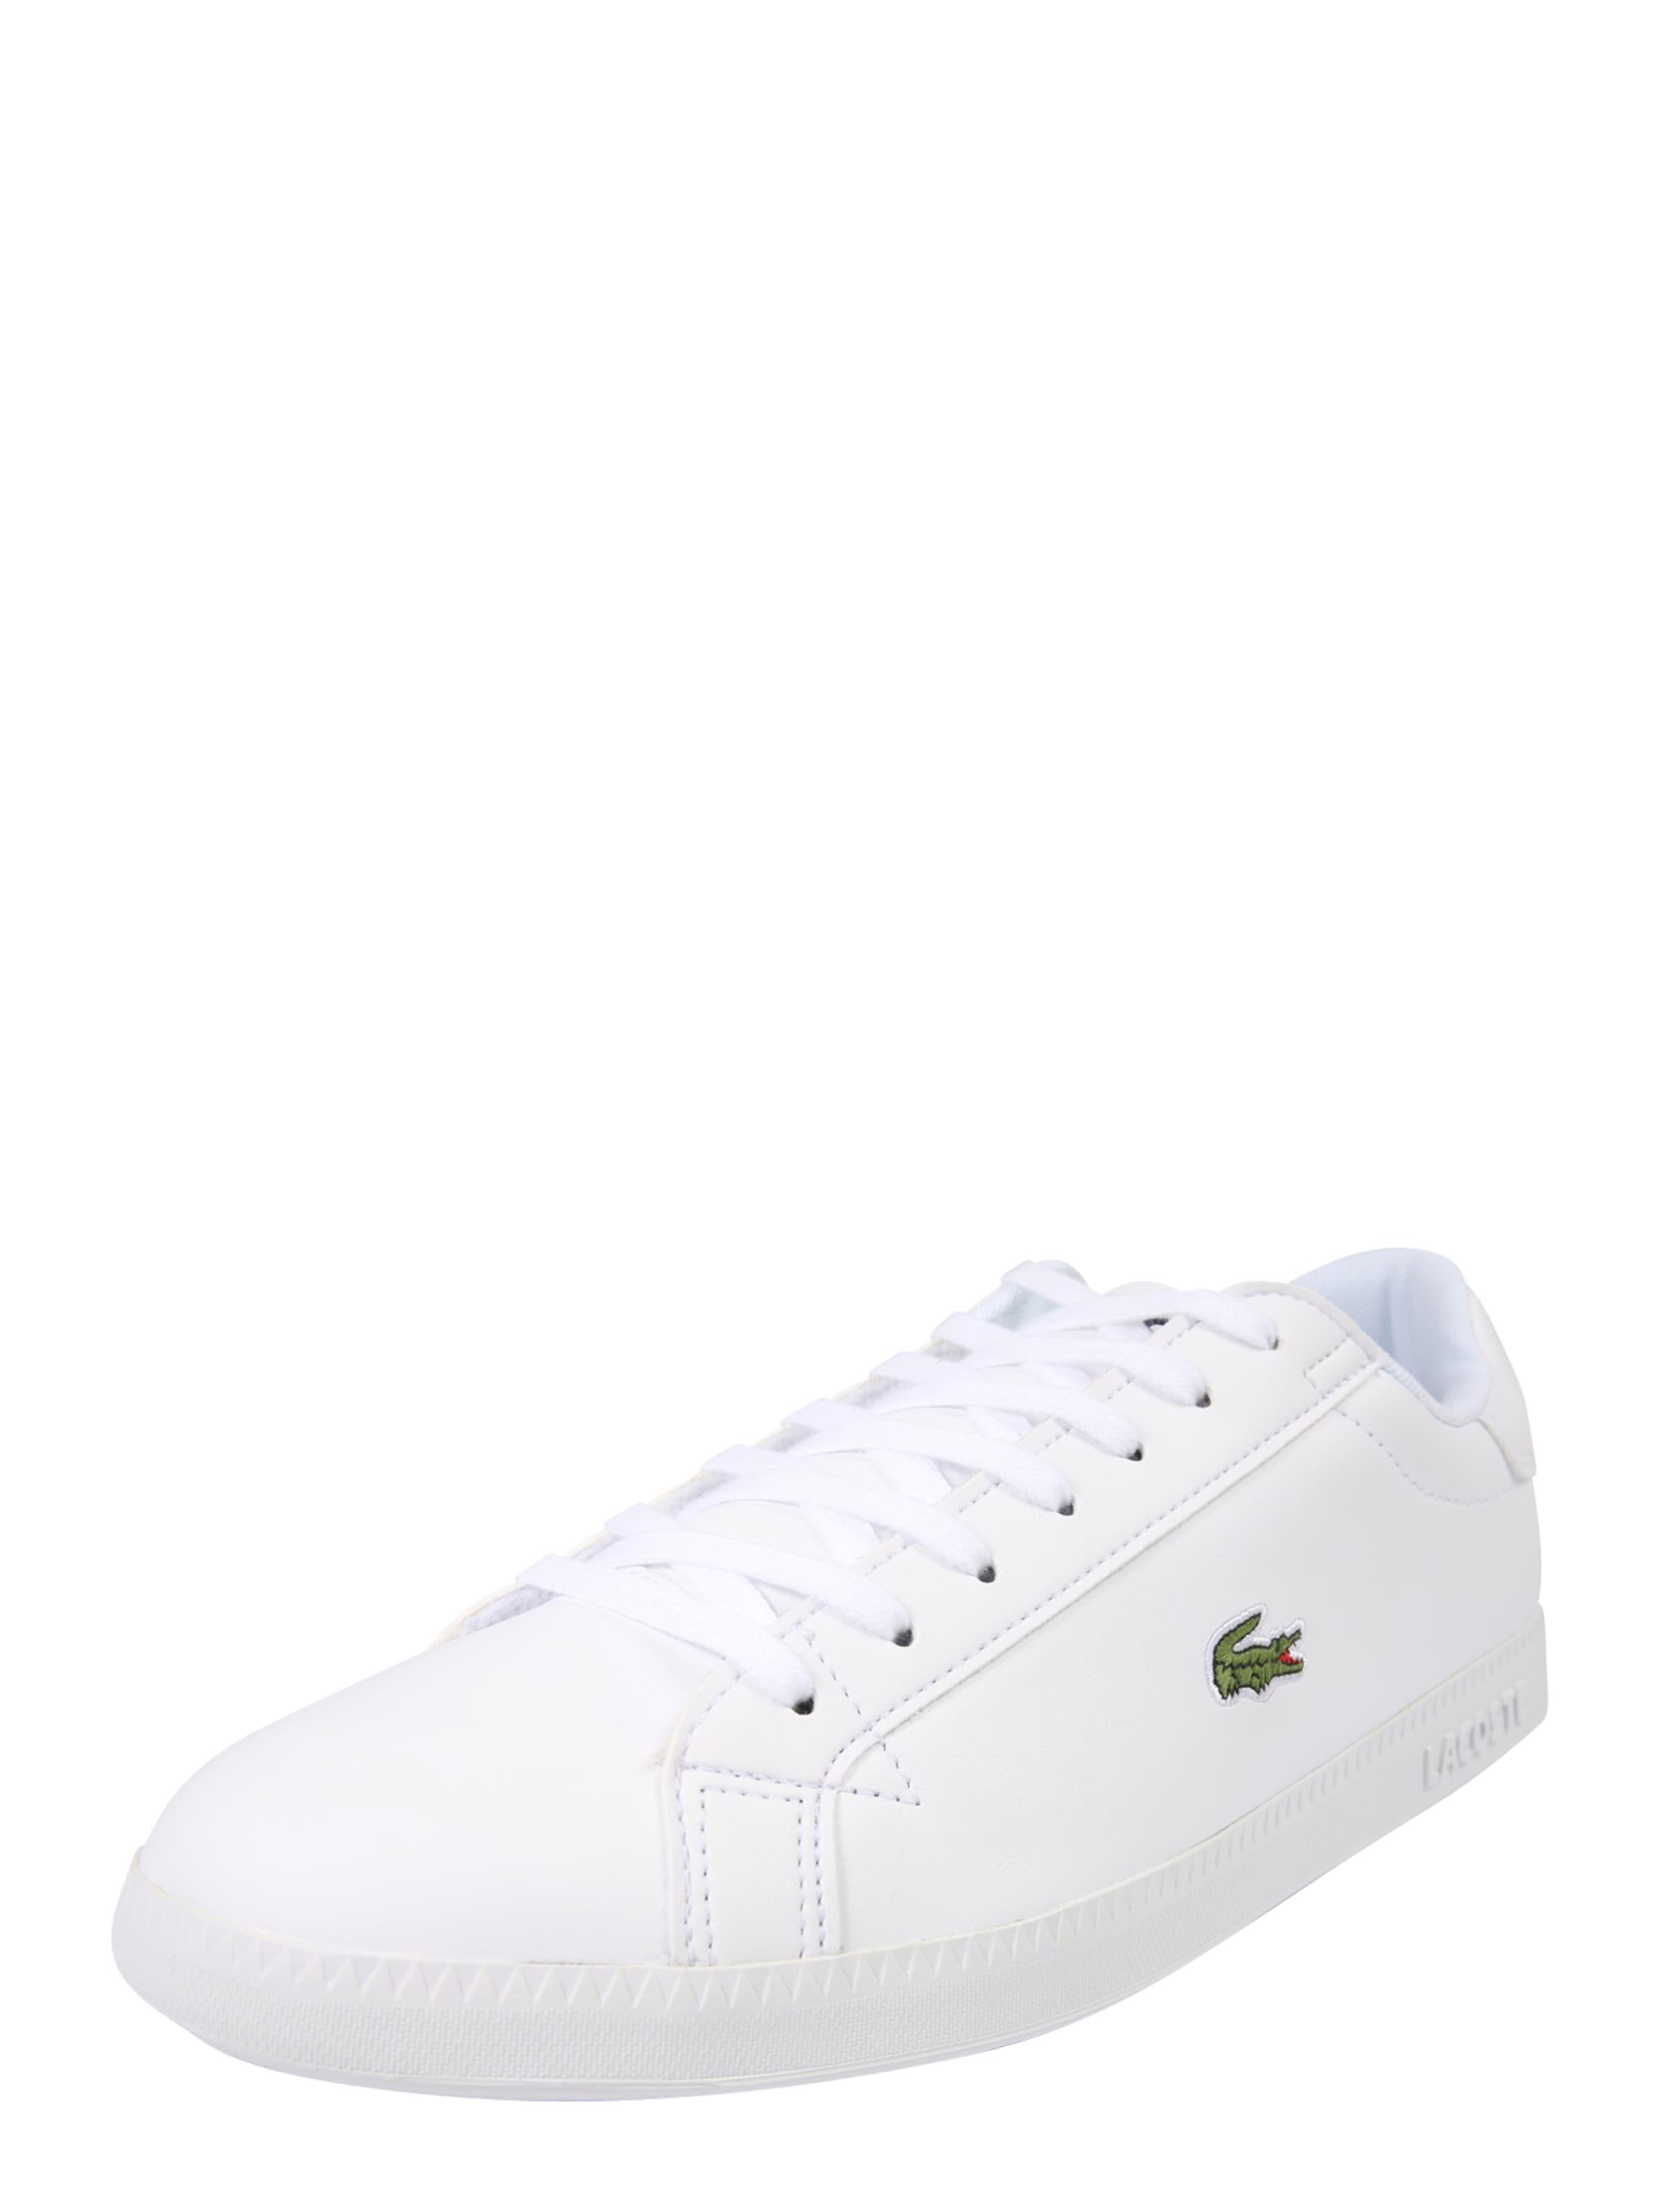 'graduate' Weiß Lacoste Sneaker Lacoste In wPyv8mOn0N